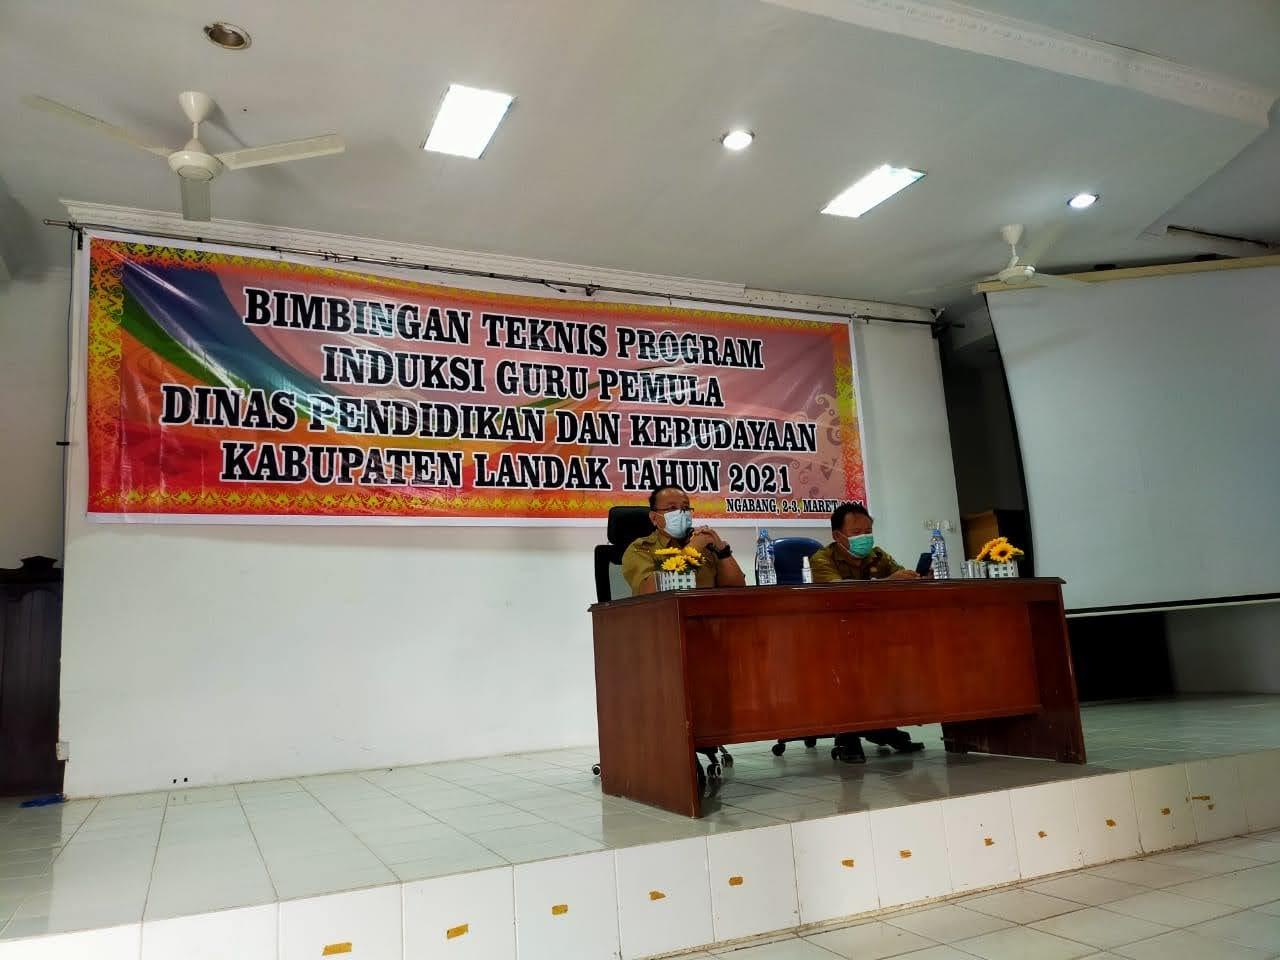 Bimbingan Teknis Program Induksi Guru Pemula Yang Diangkat Sebagai CPNS Kabupaten Landak